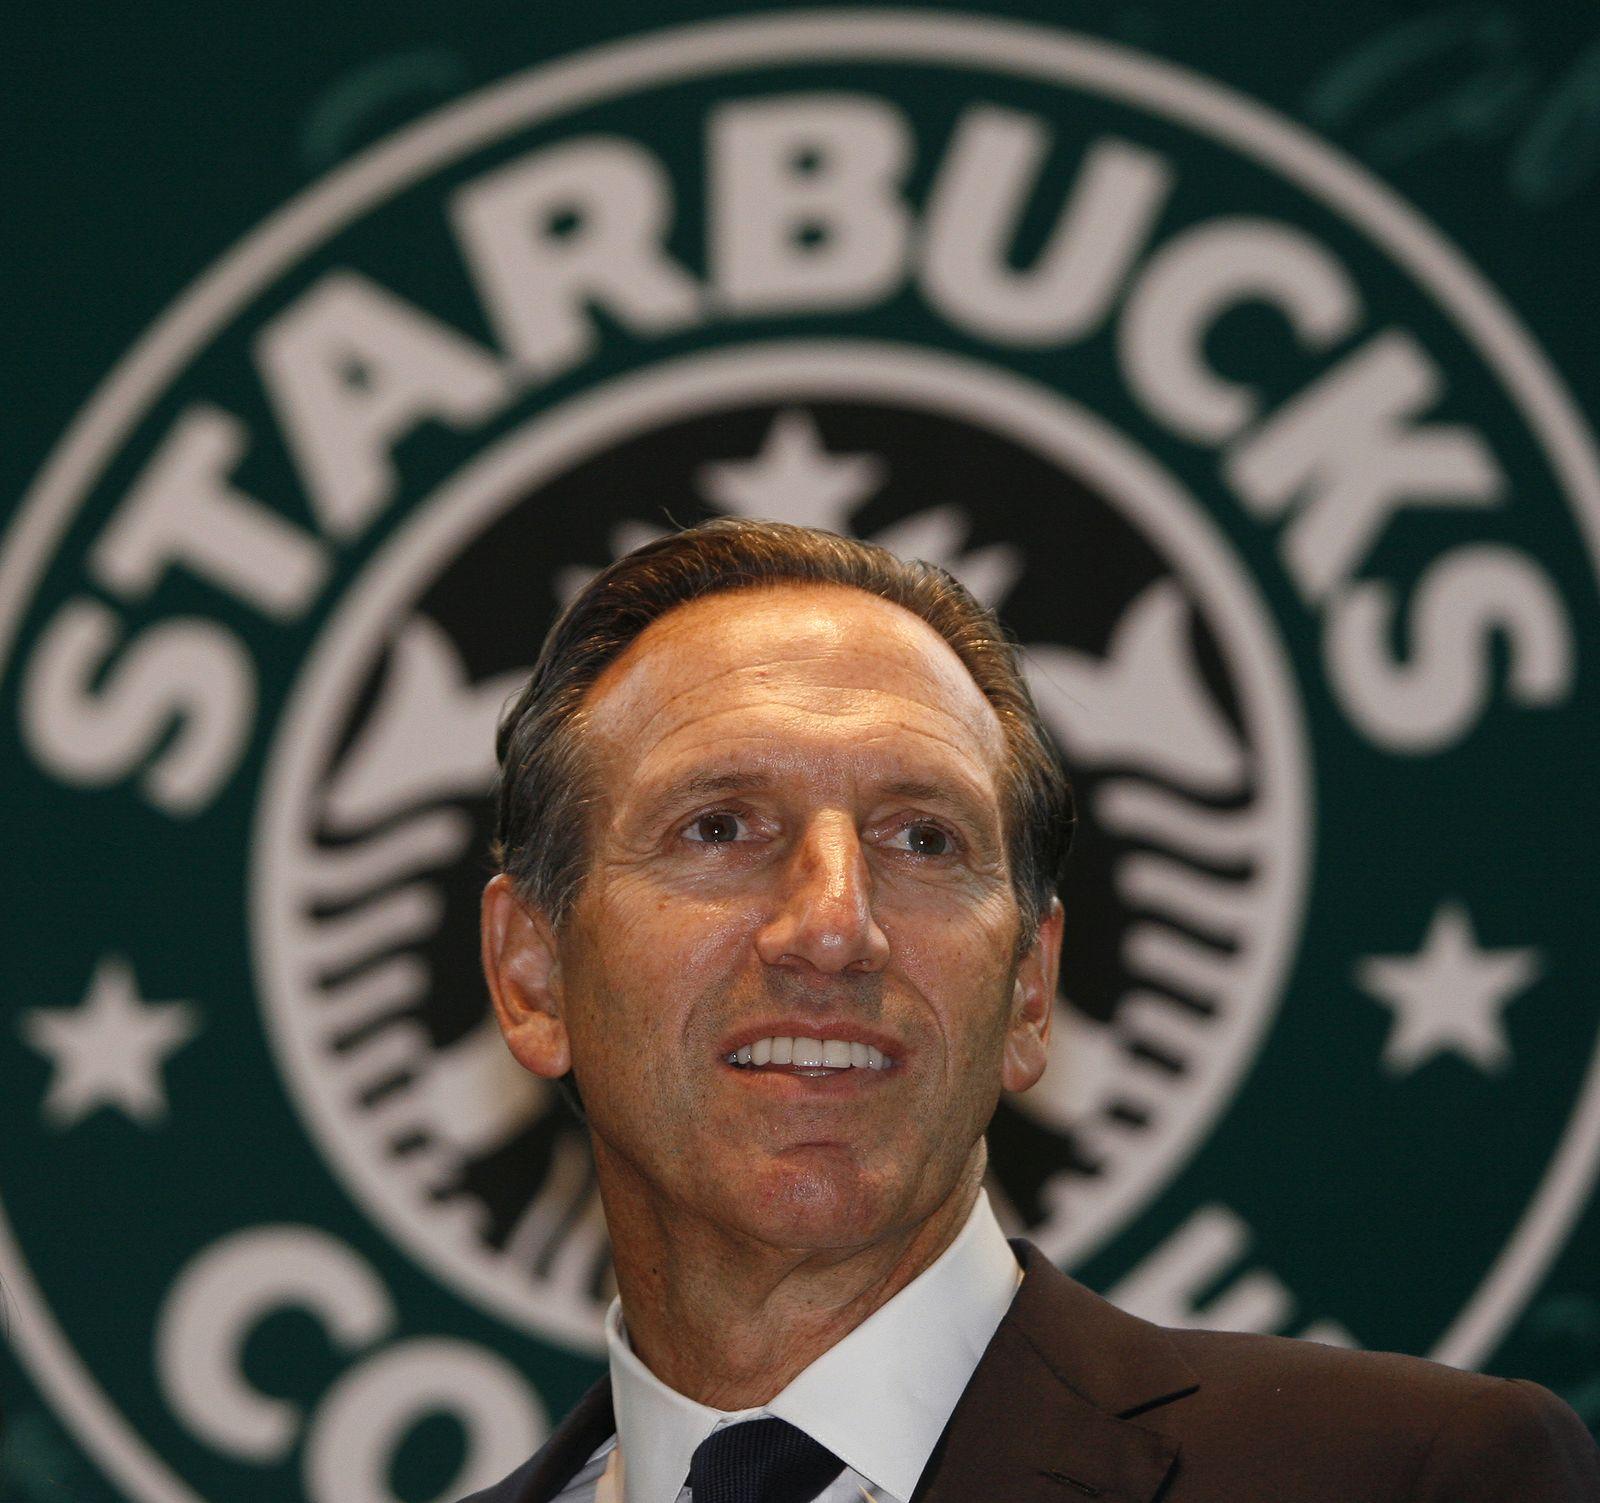 NICHT MEHR VERWENDEN! - Starbucks / Howard Schultz